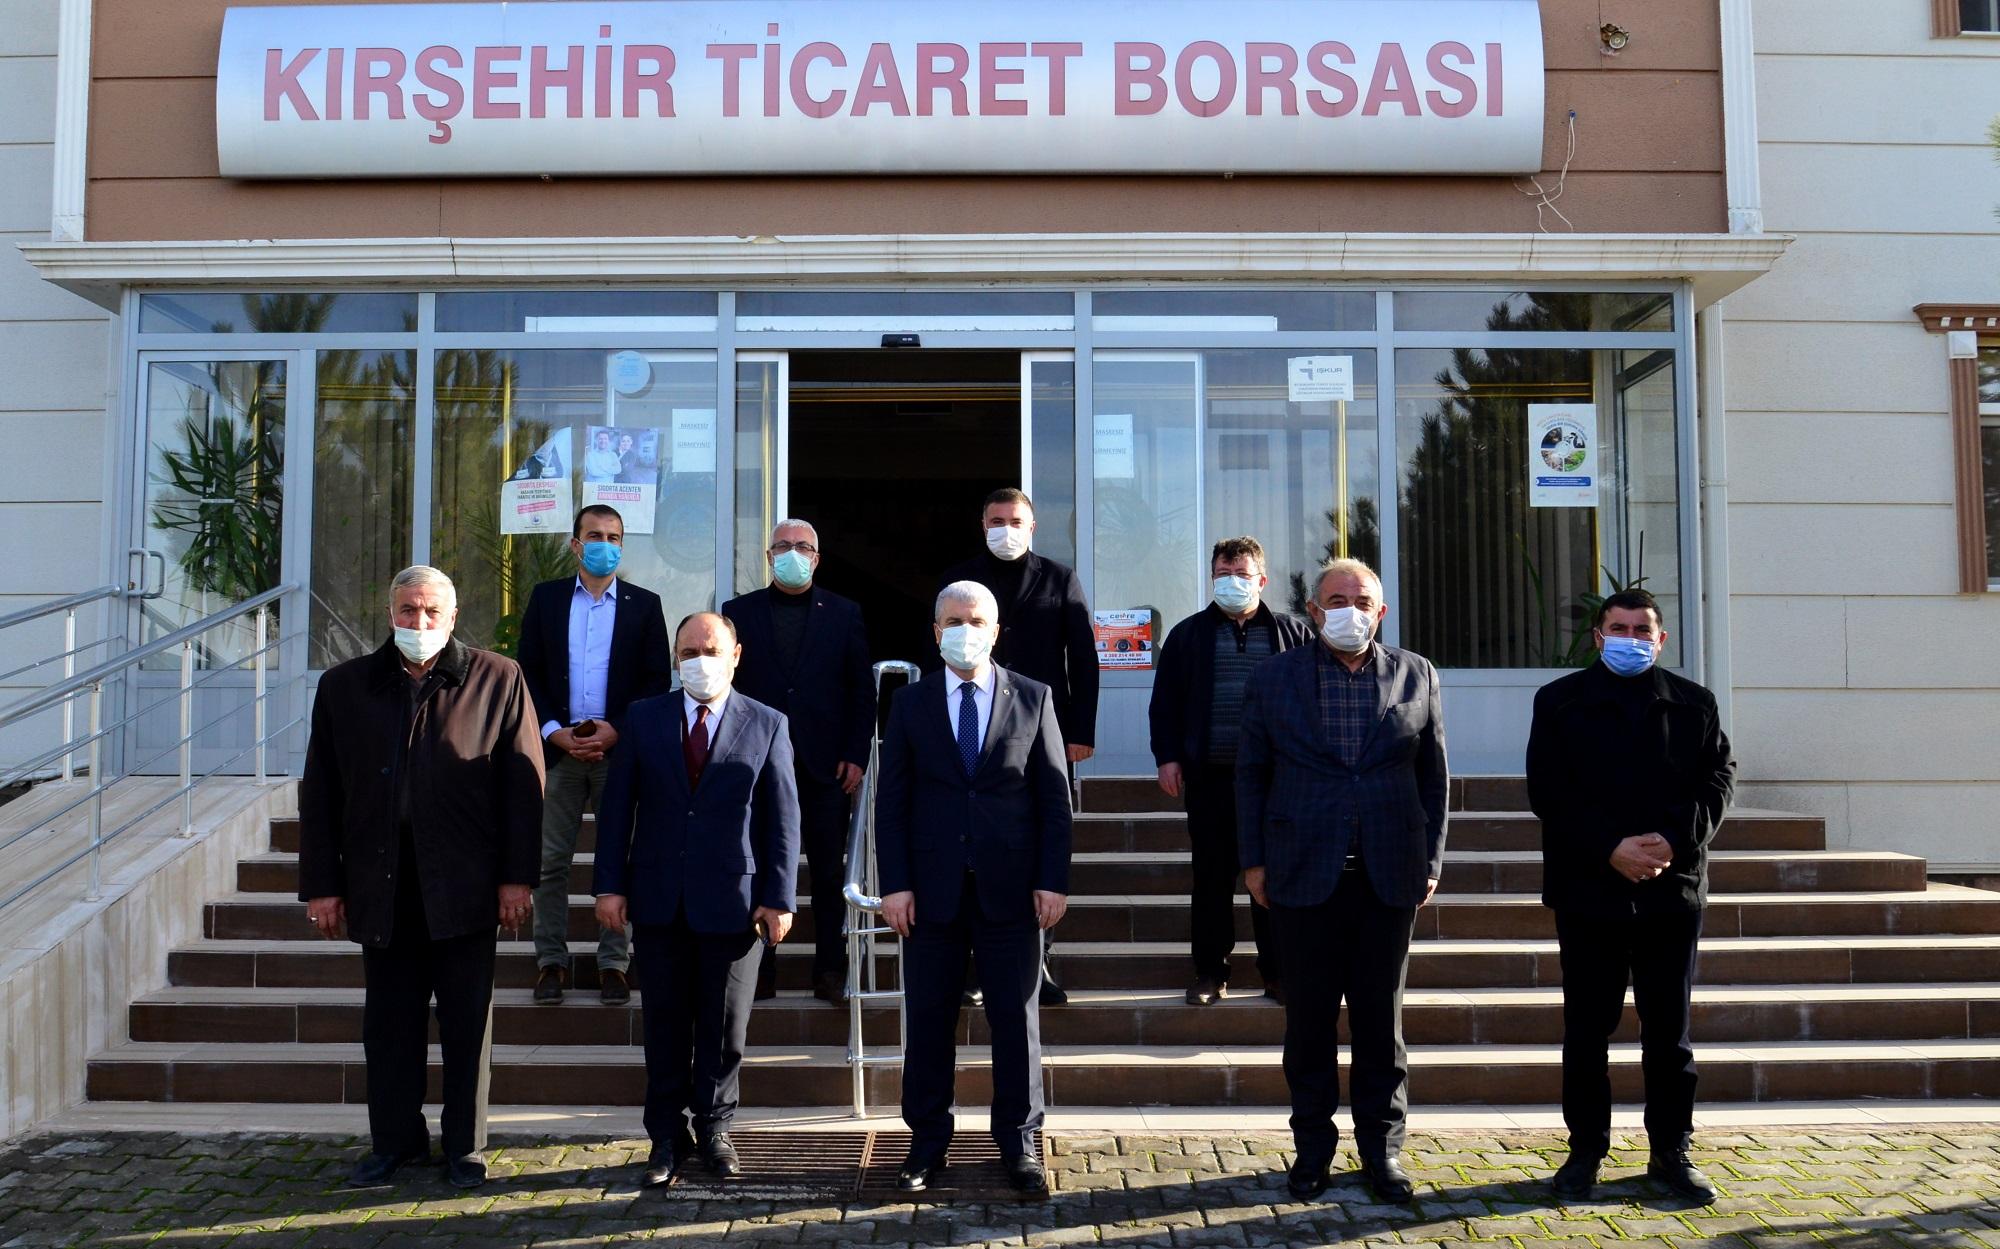 VALİ AKIN, STK'LARLA PANDEMİ'YLE MÜCADELEYİ KONUŞUYOR